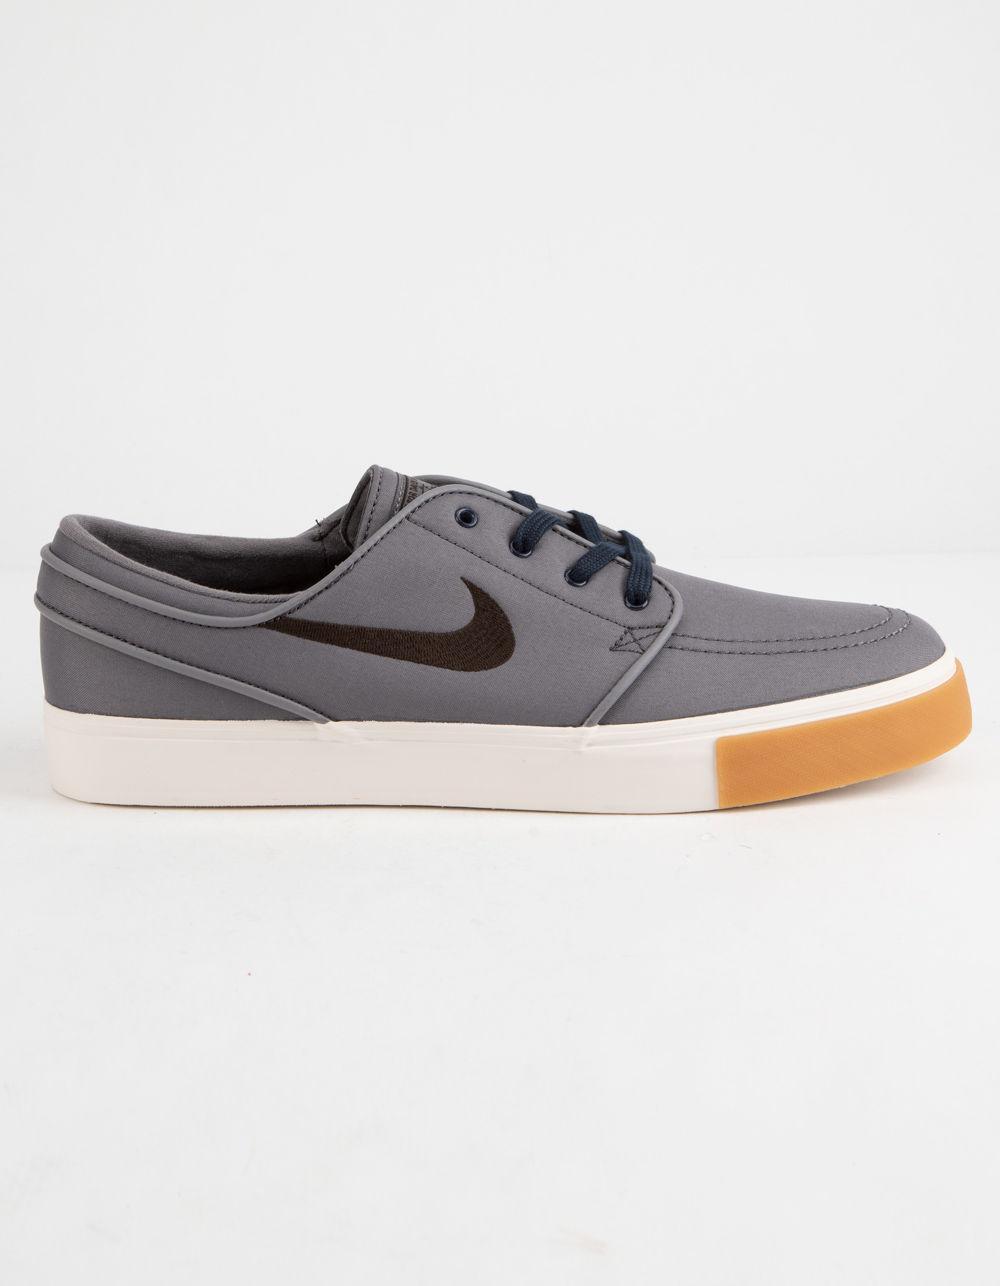 672f835900 Nike Zoom Stefan Janoski Canvas Gunsmoke Shoes in Brown for Men - Lyst